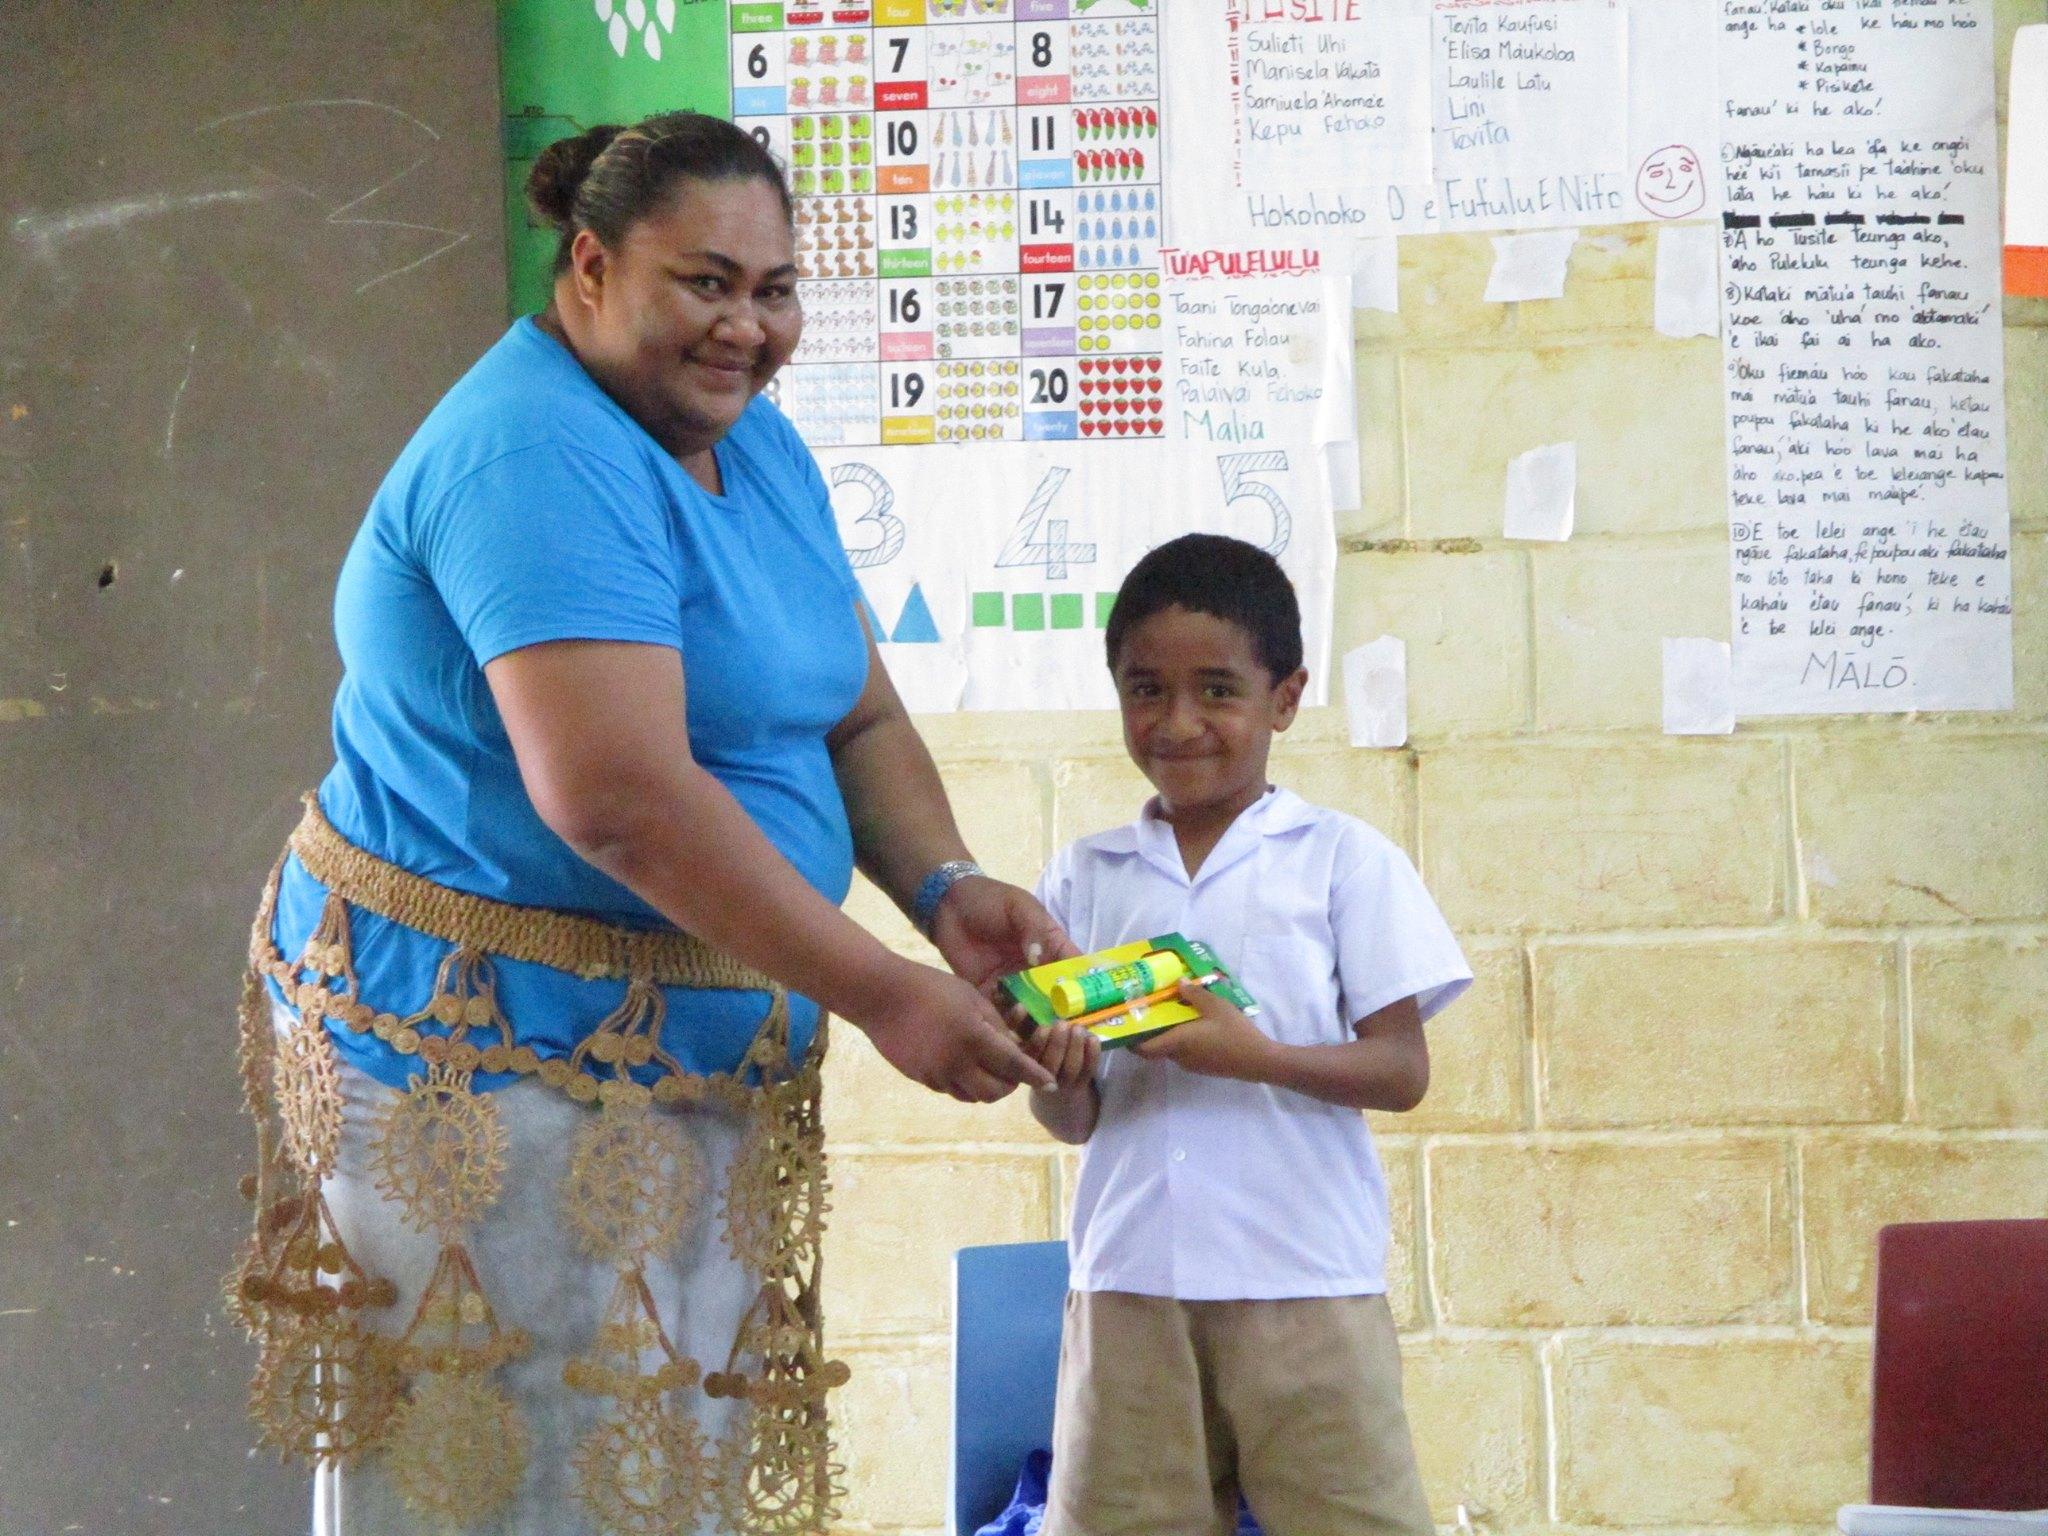 Tongan Kid